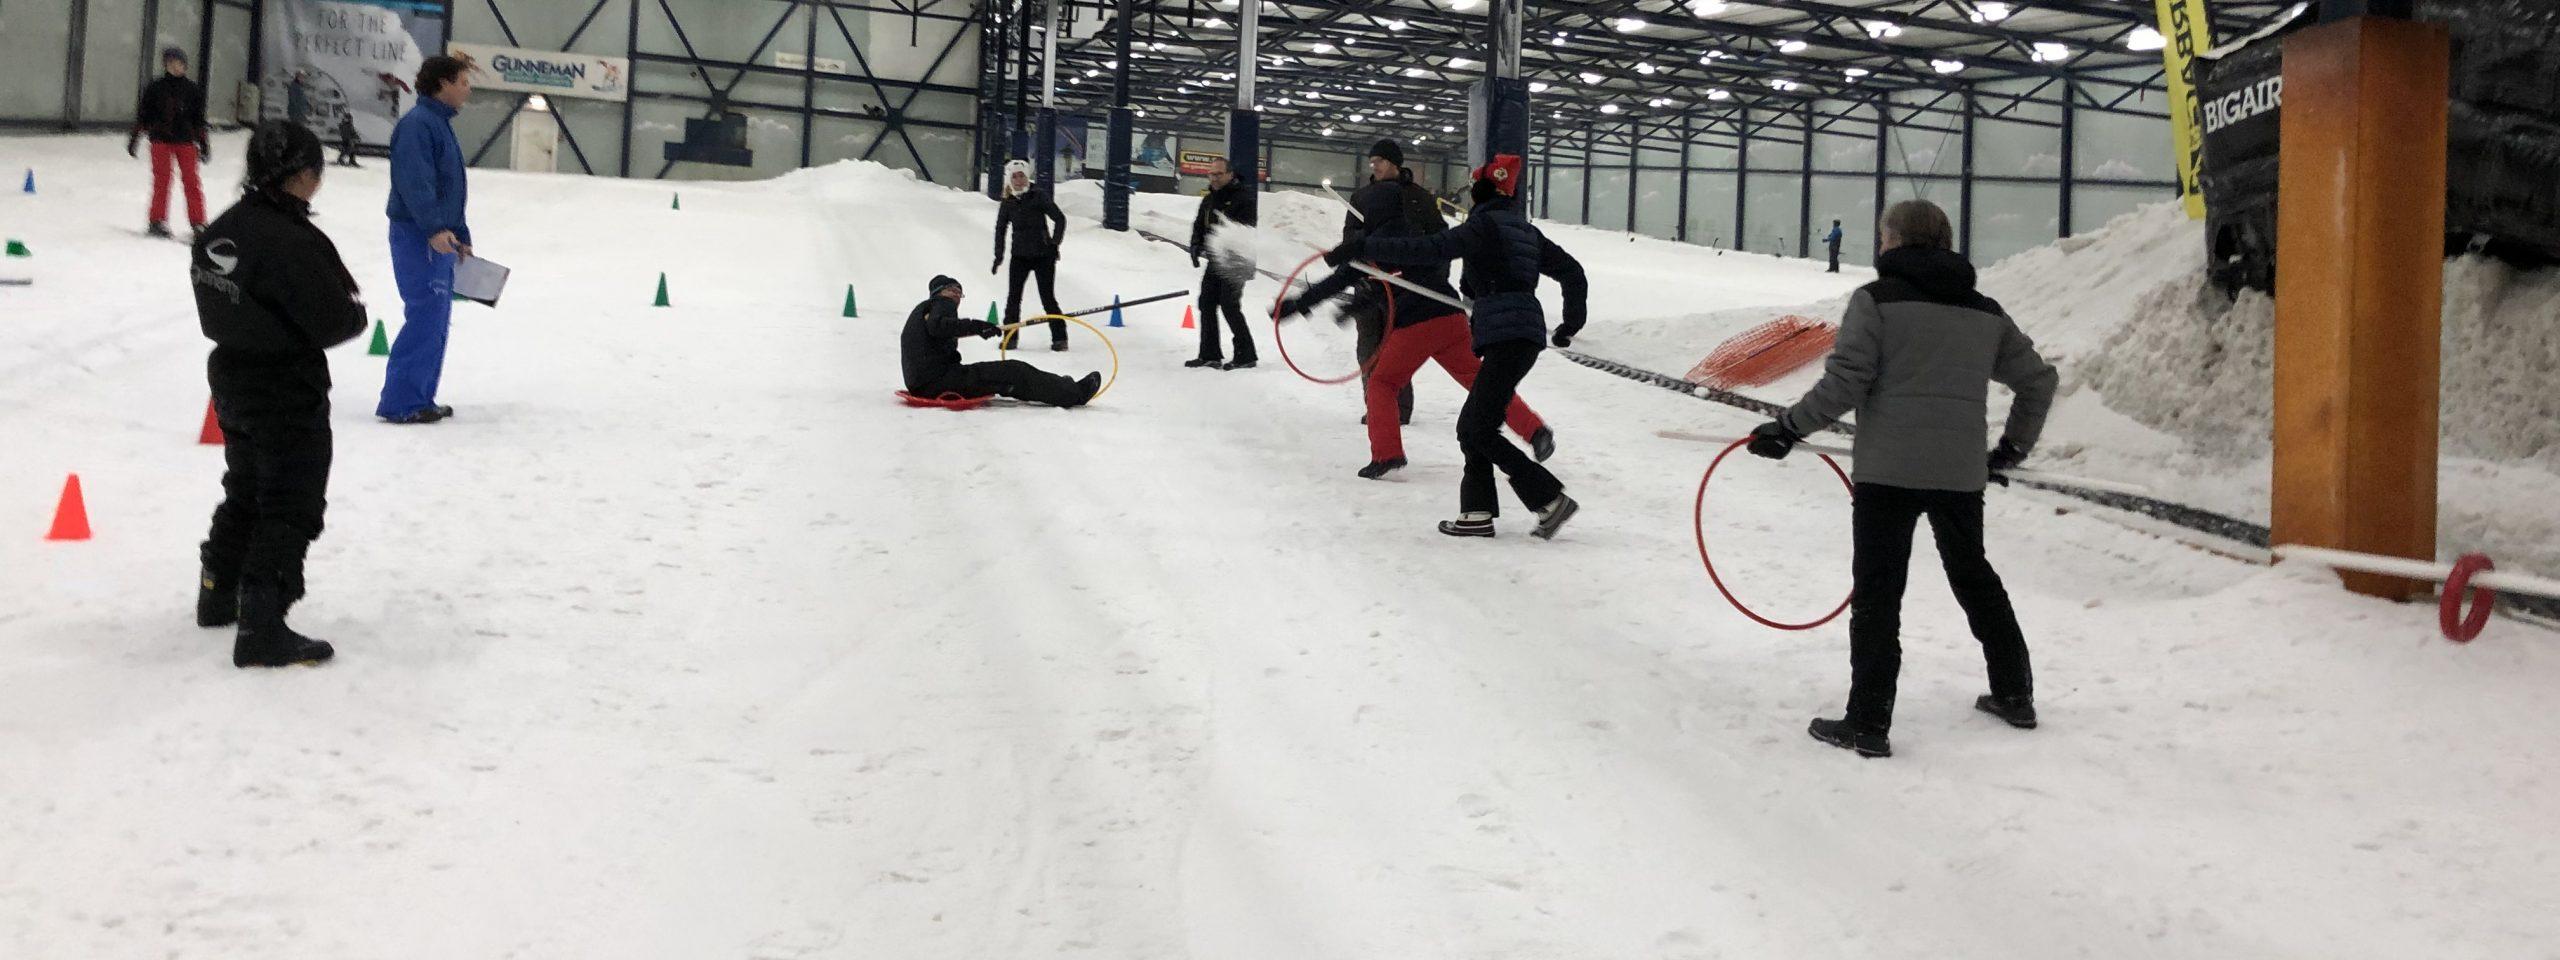 eindhoven-bedrijfsuitje-sneeuwbaan-events